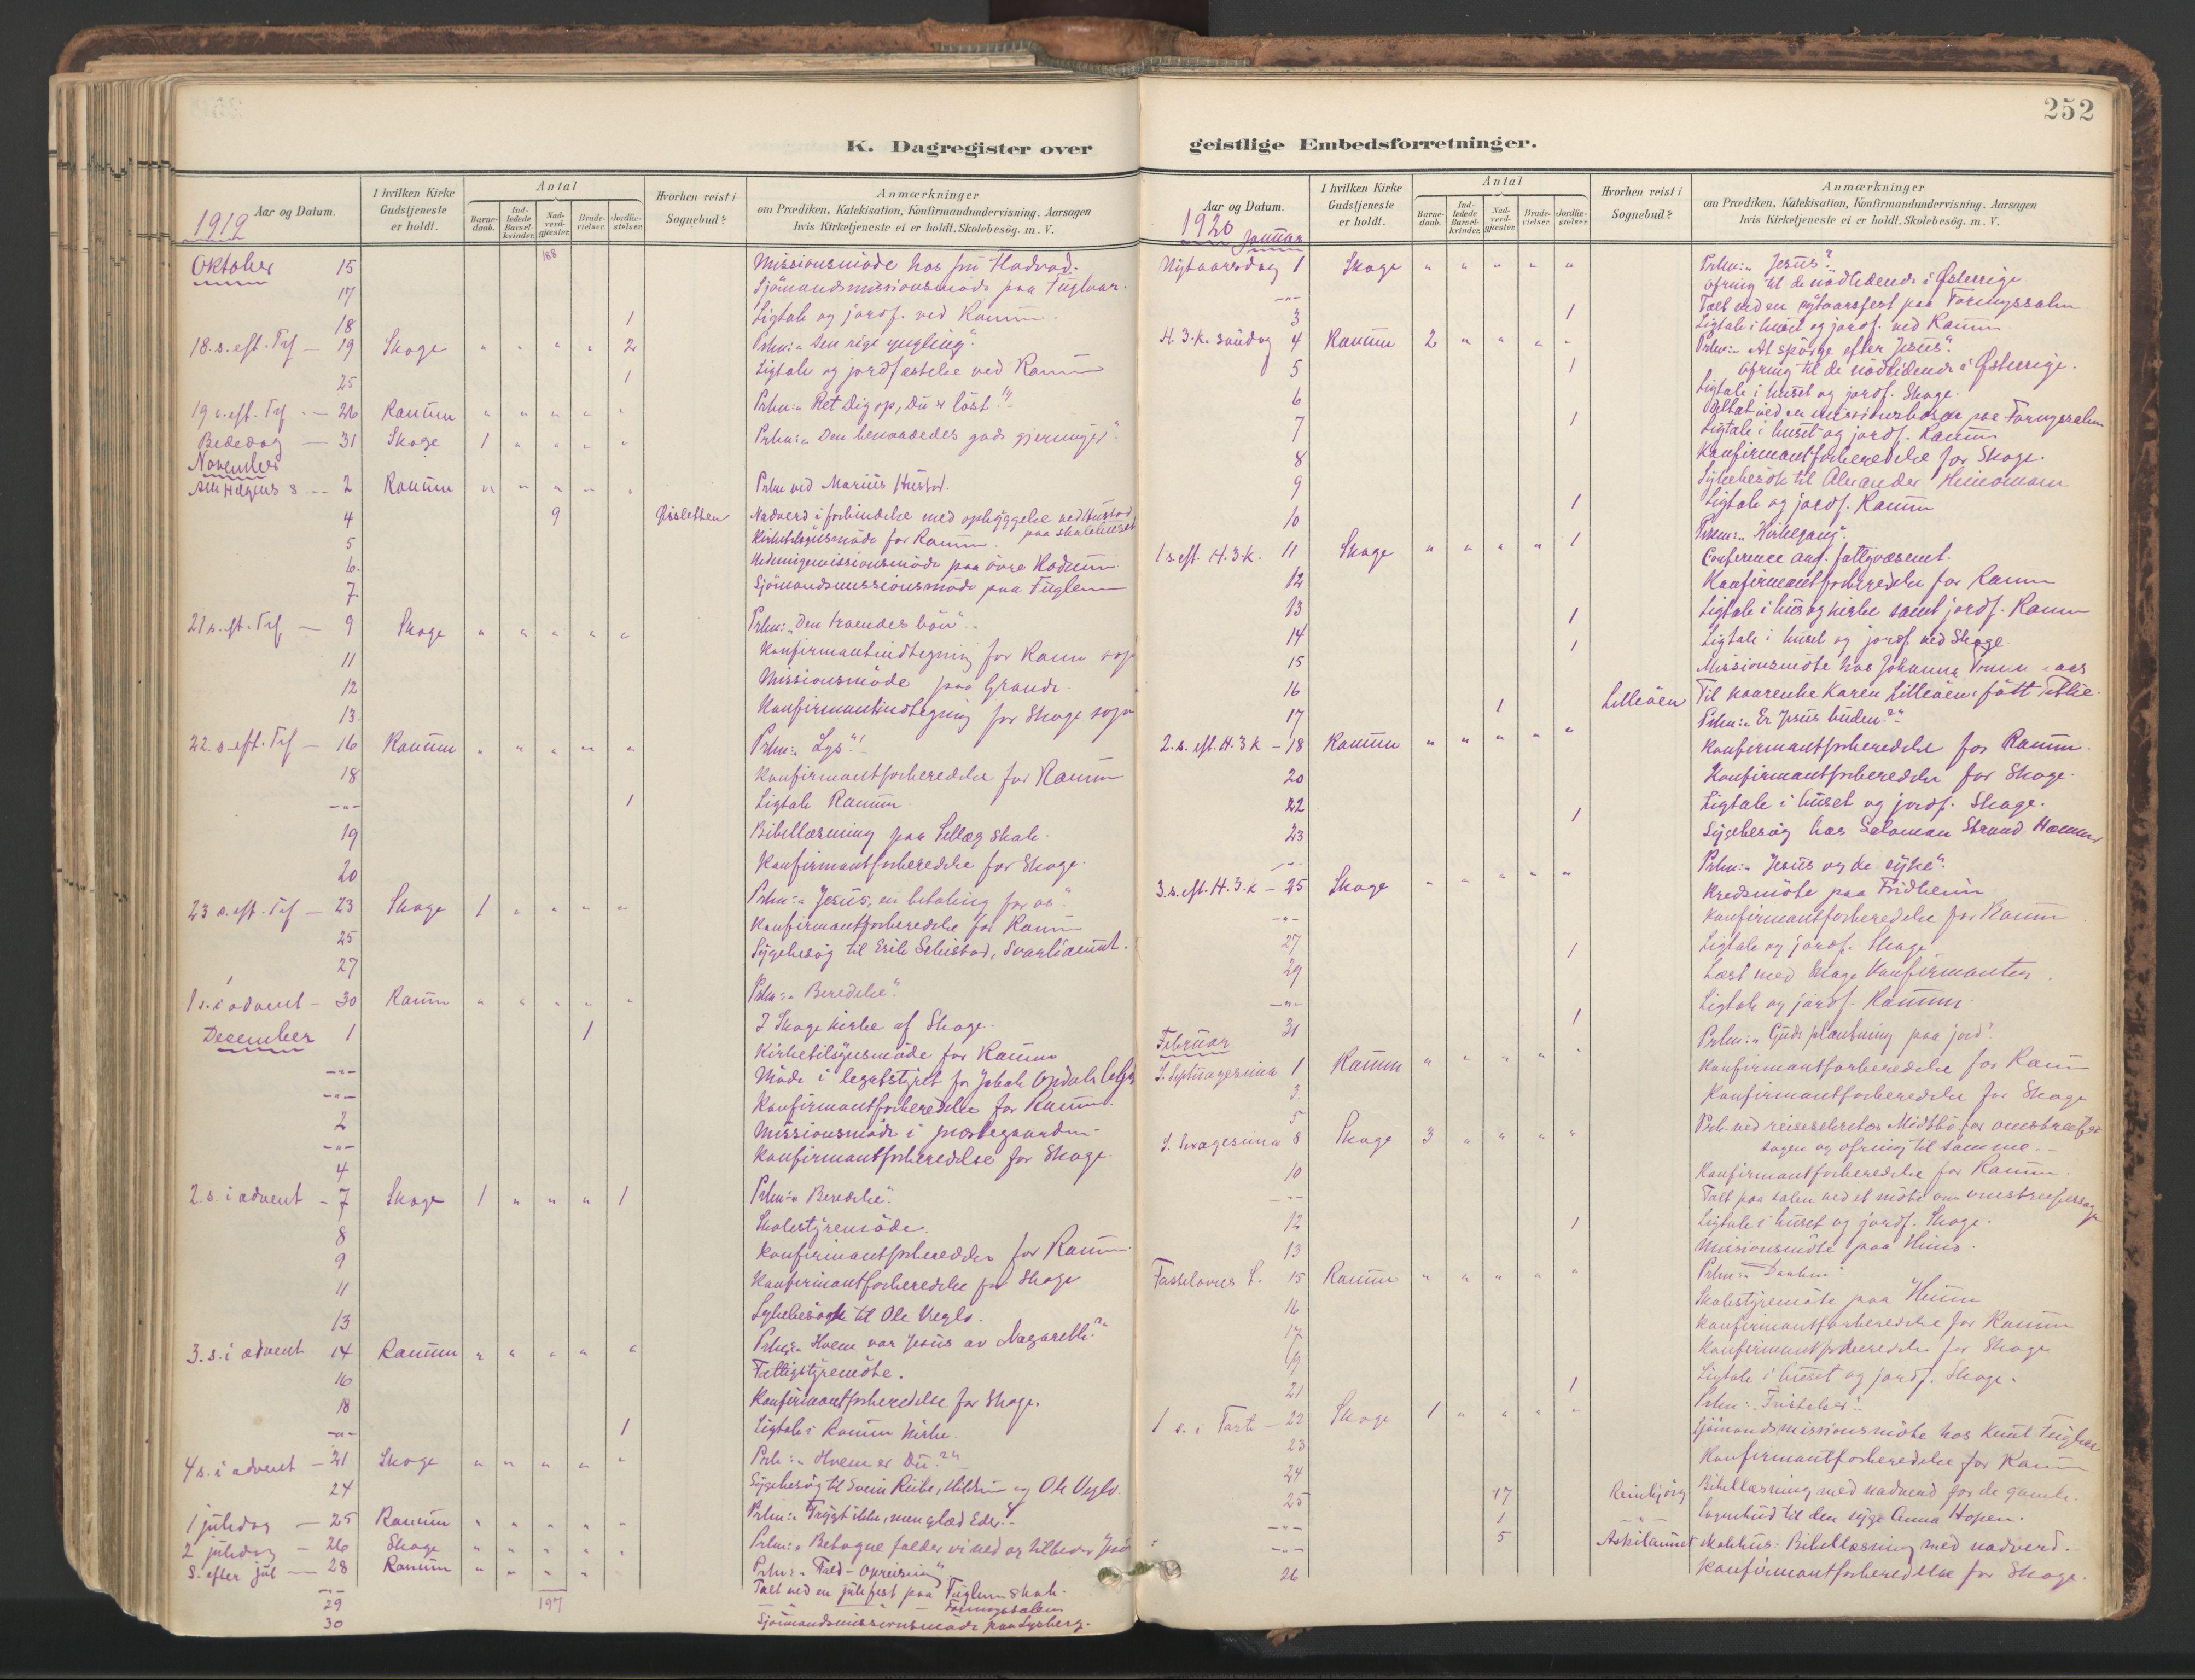 SAT, Ministerialprotokoller, klokkerbøker og fødselsregistre - Nord-Trøndelag, 764/L0556: Ministerialbok nr. 764A11, 1897-1924, s. 252